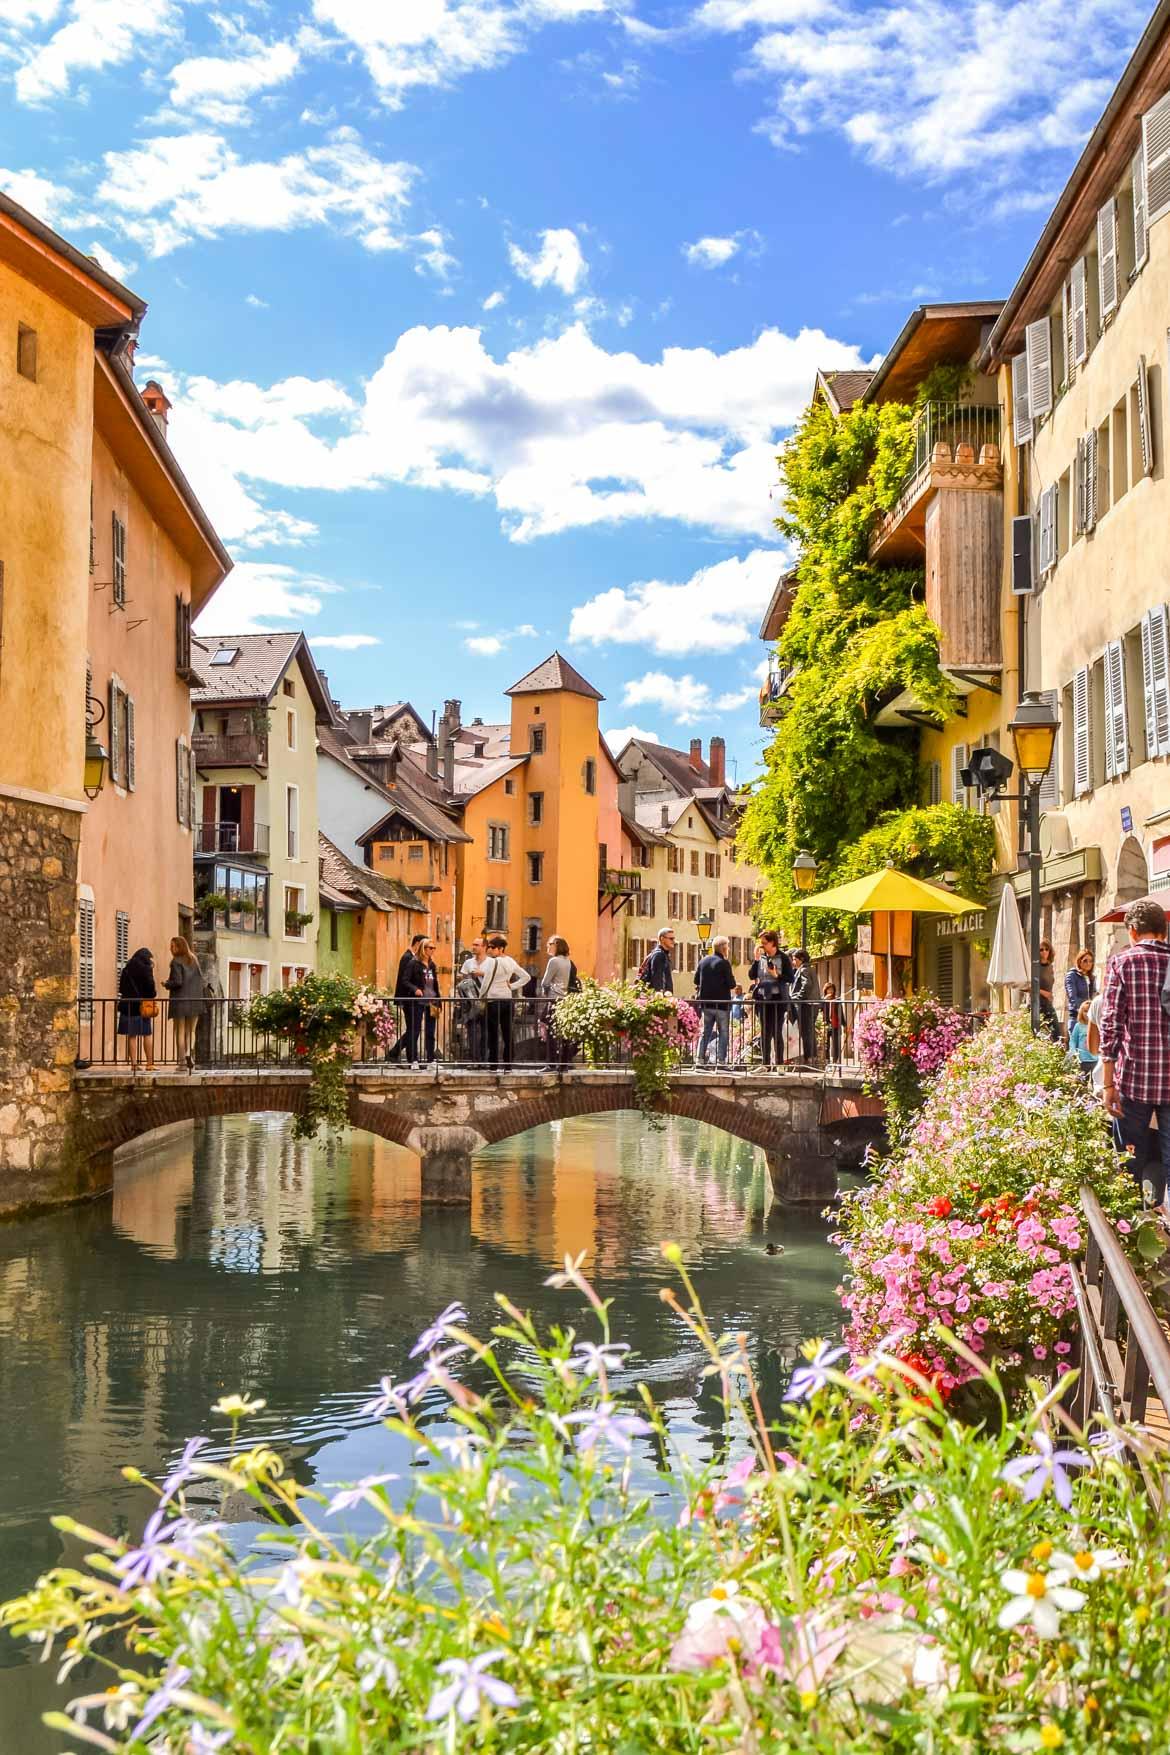 Annecy canale fiorito - In Viaggio Con Monica